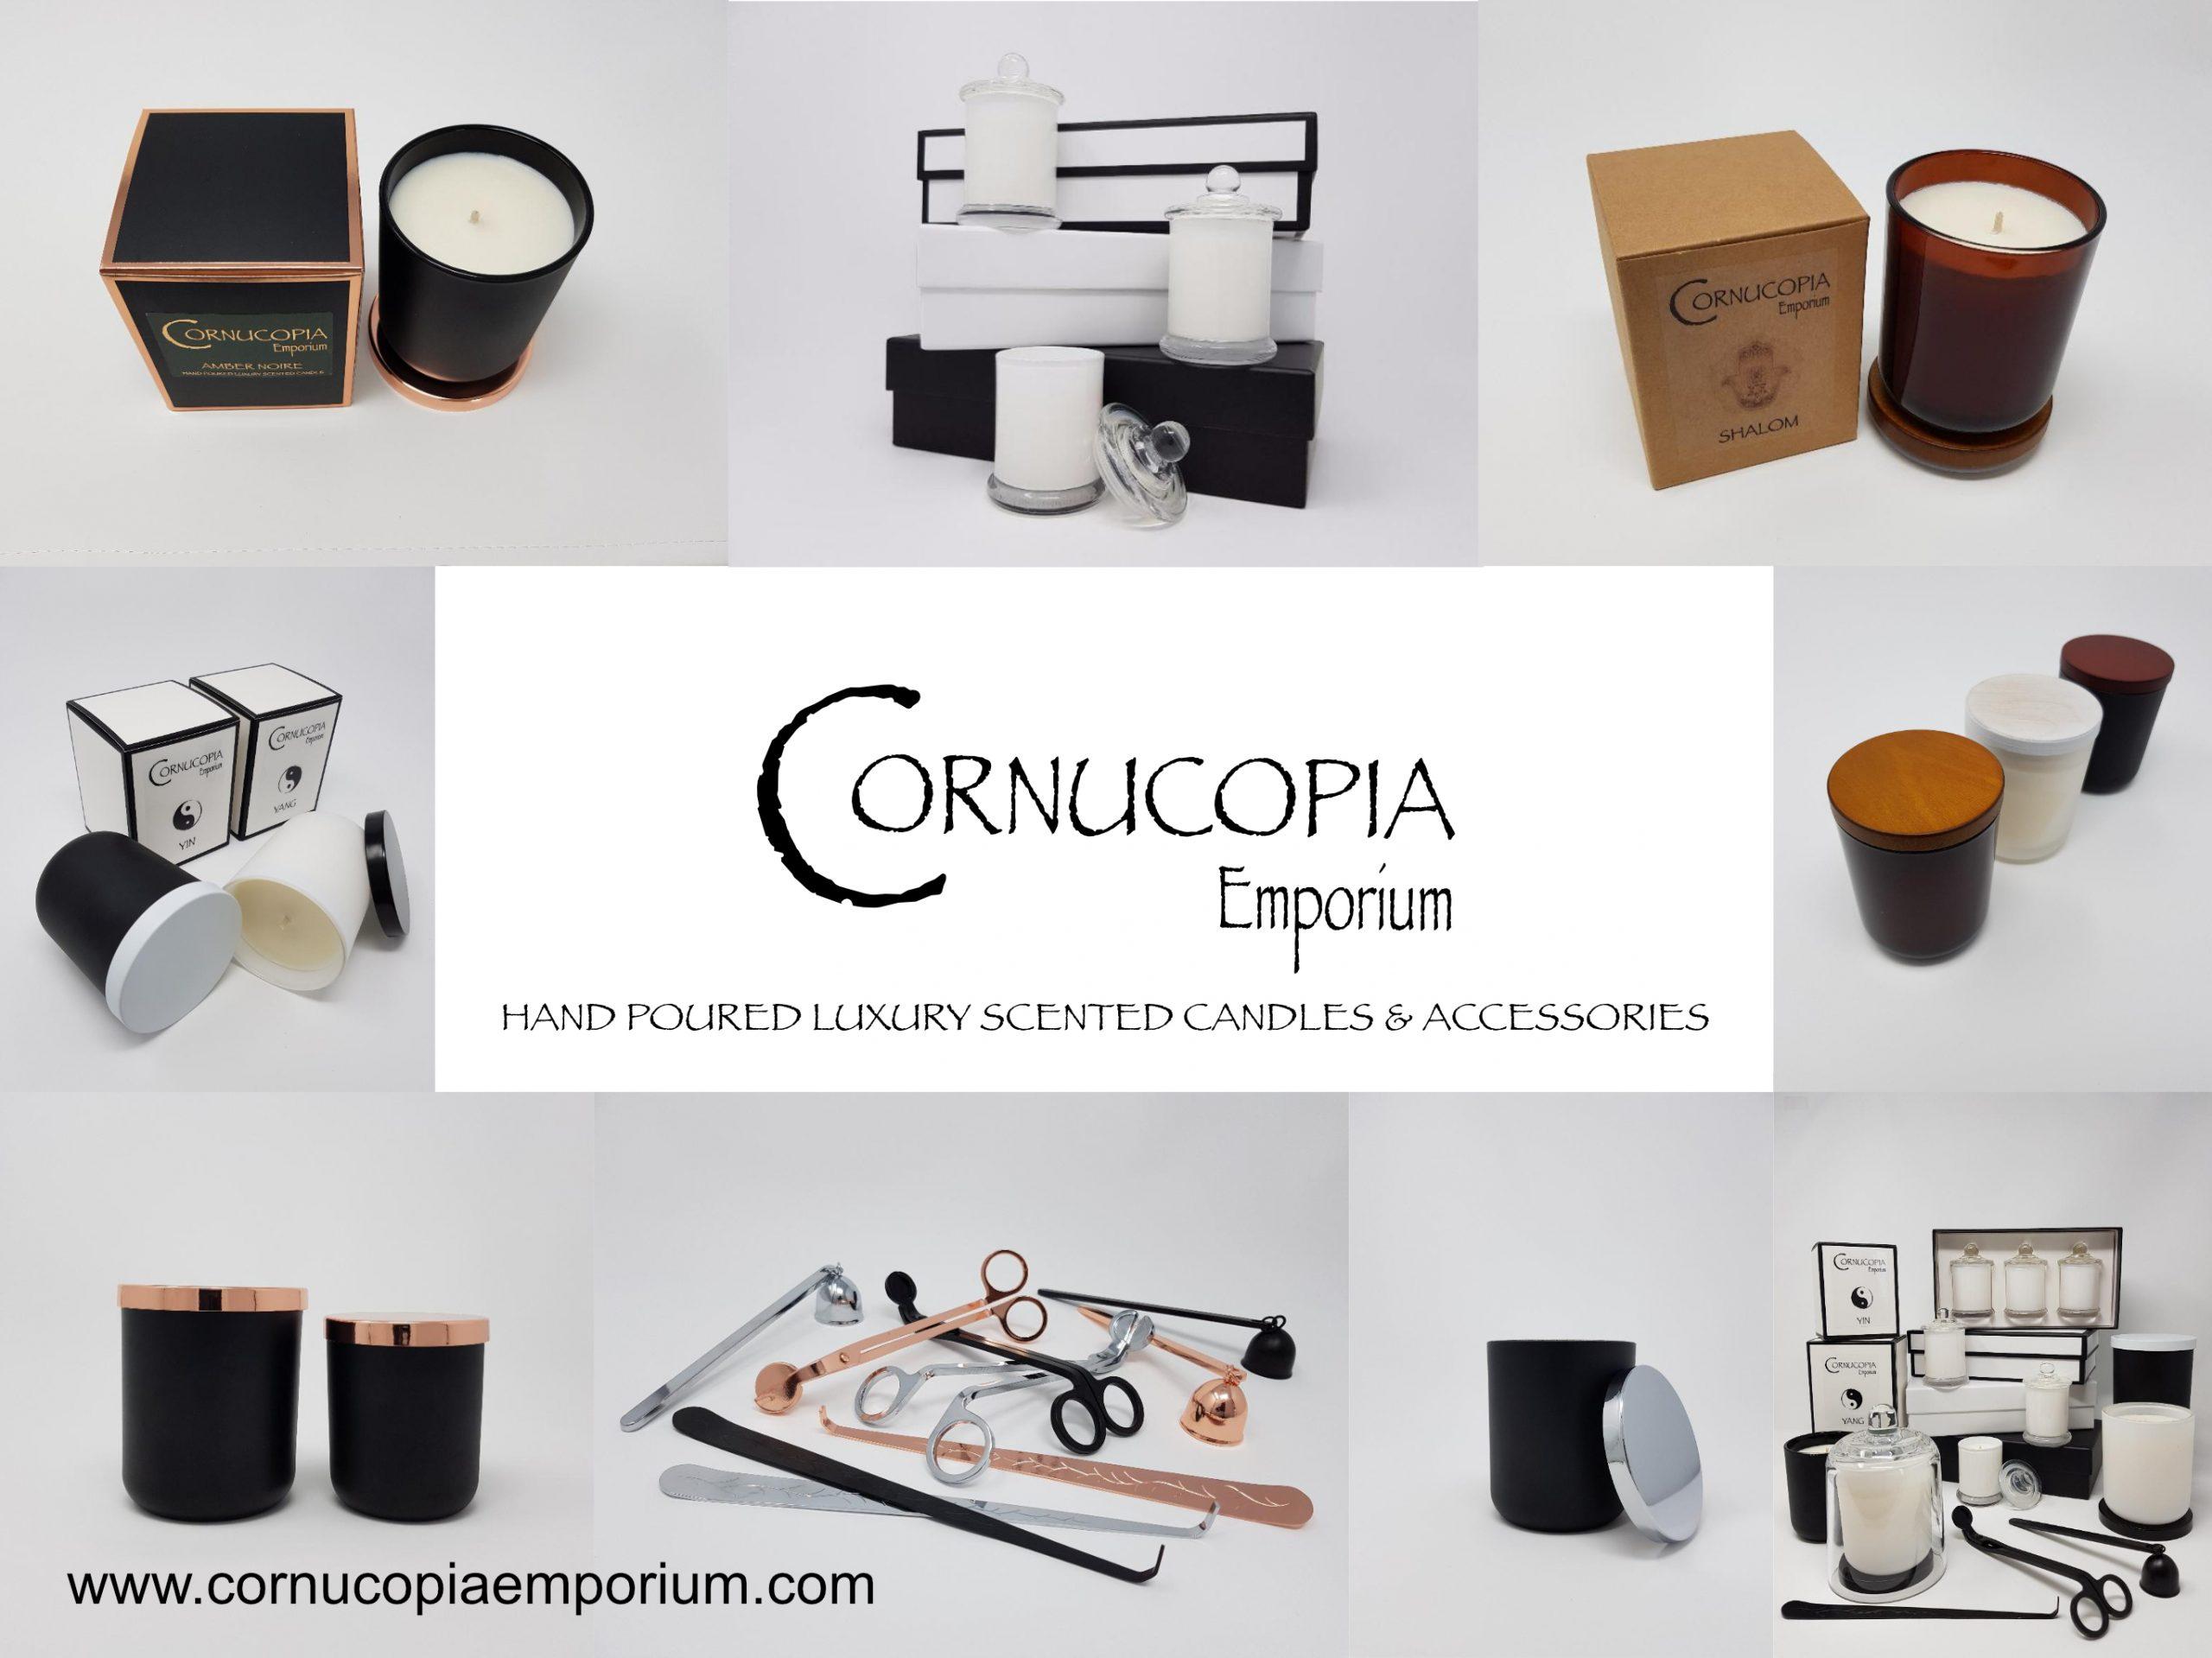 Corunocipia Emporium